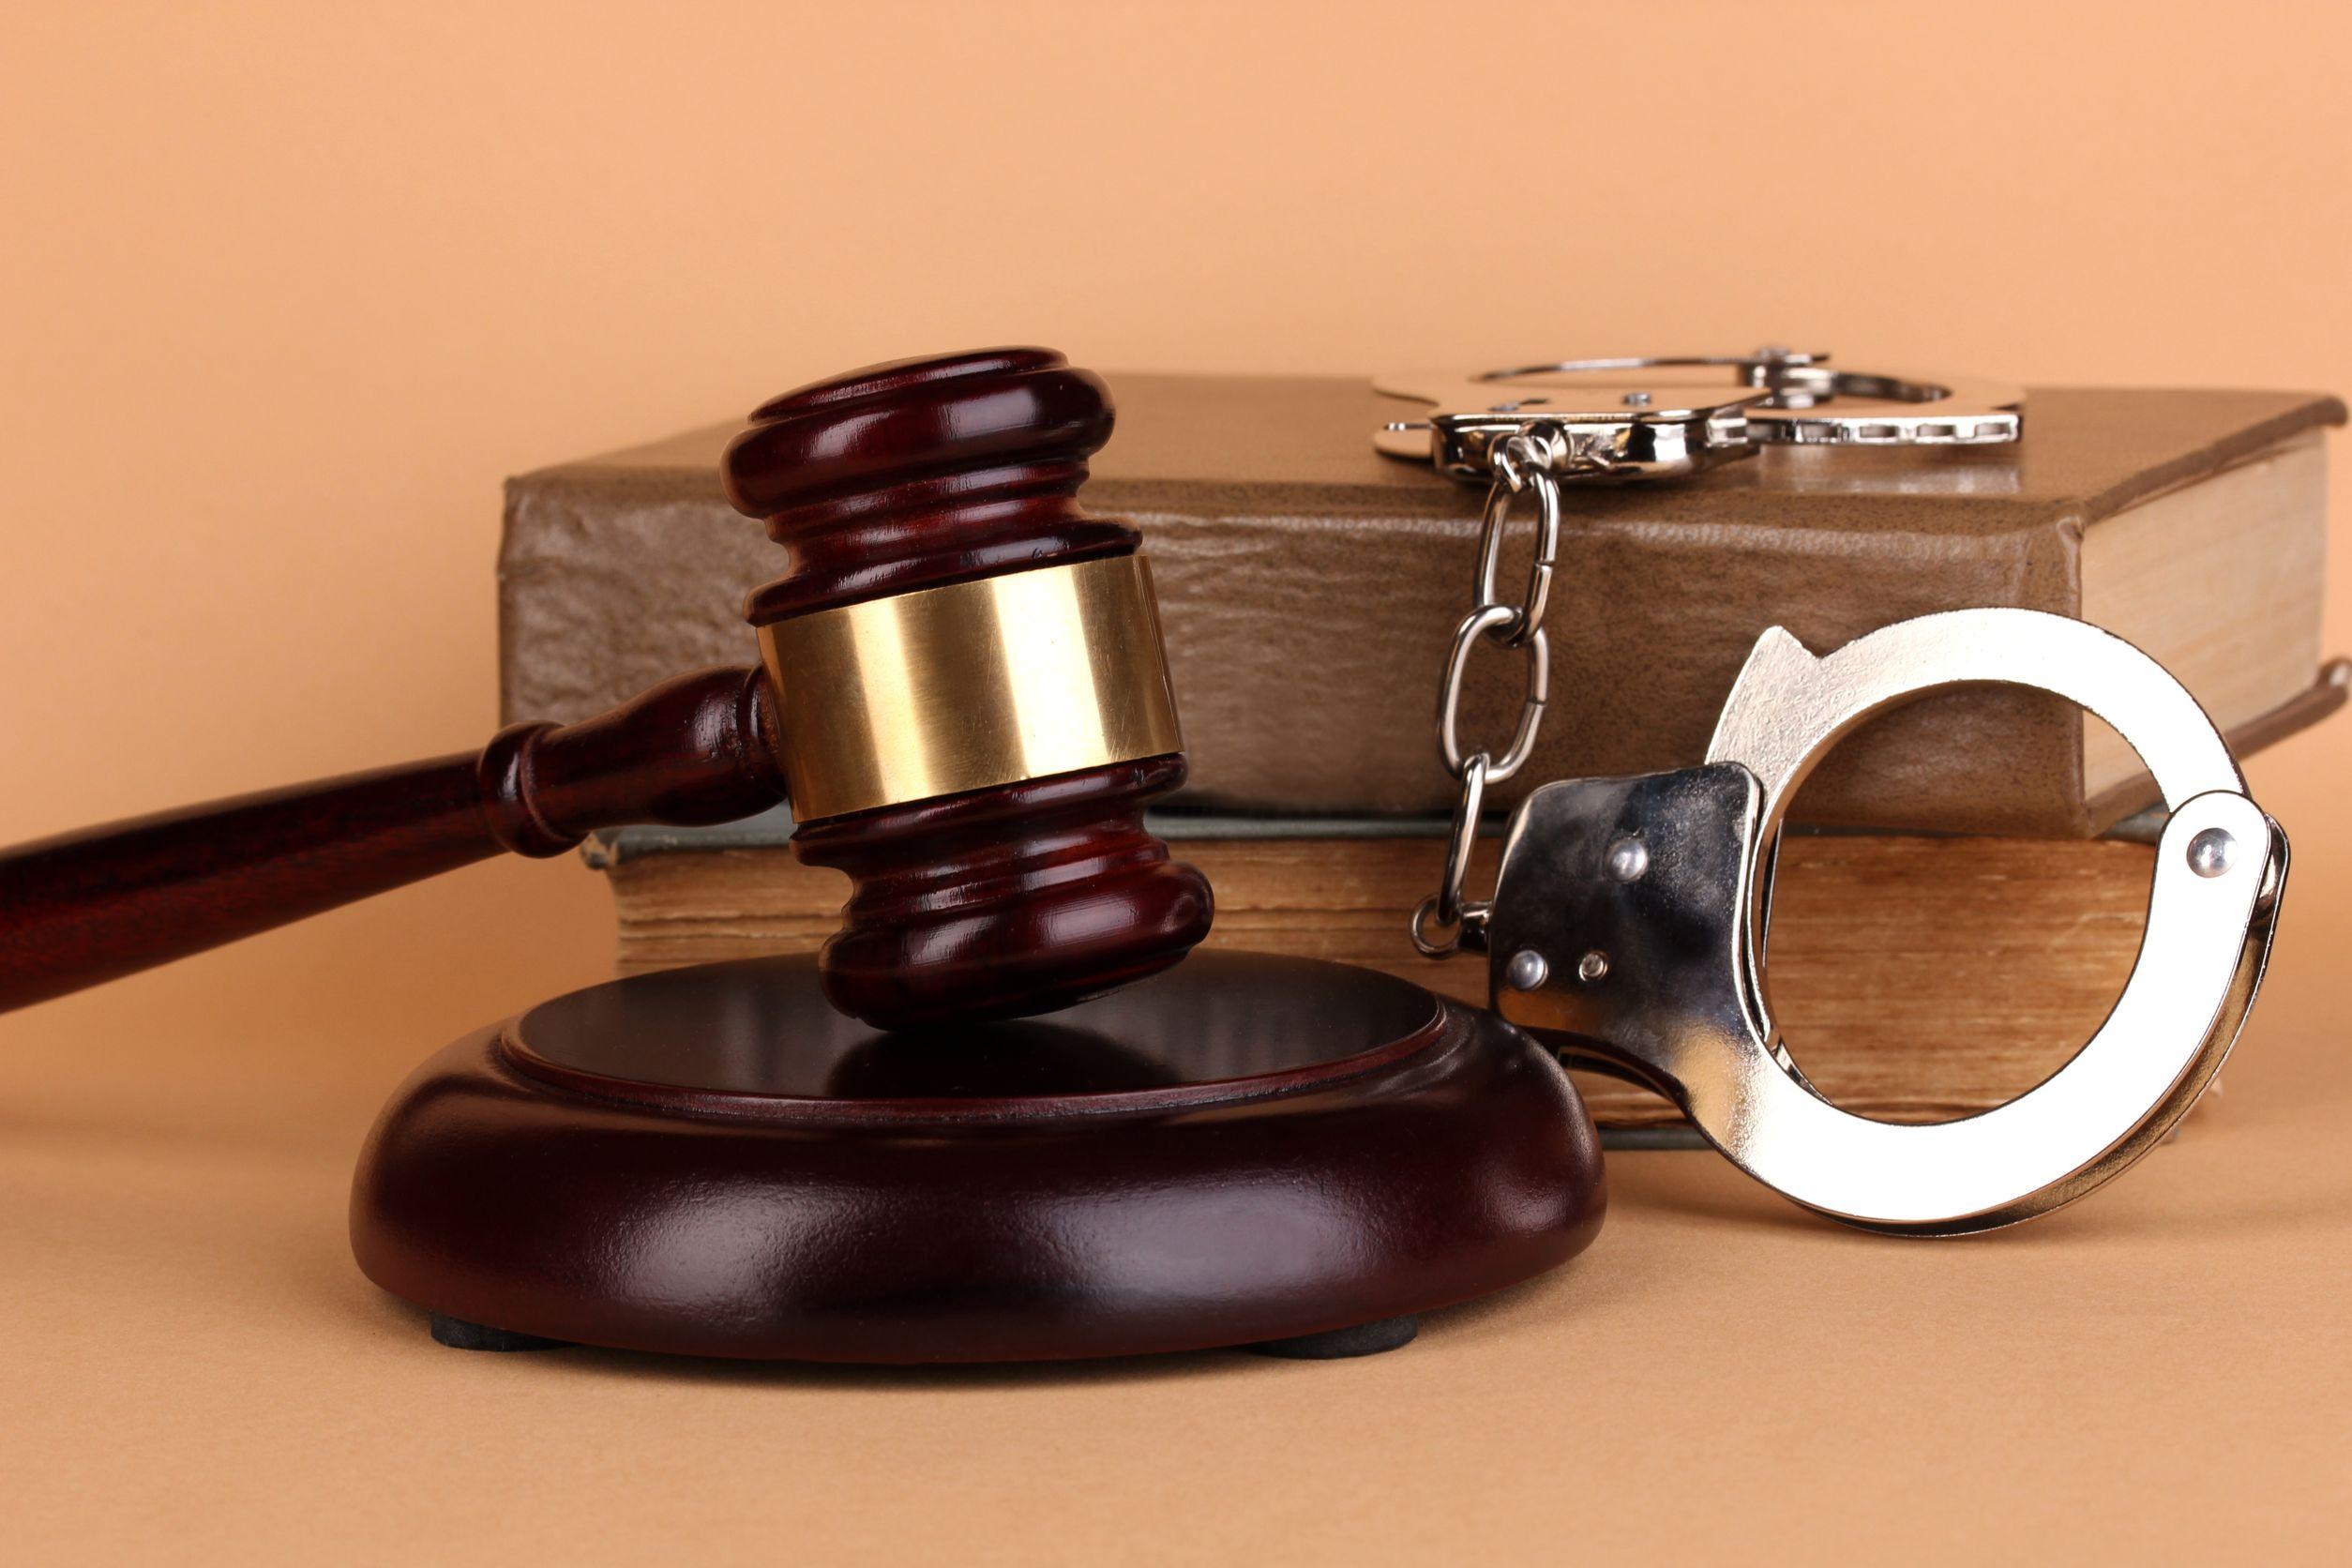 حدنصاب تراز دعوت به مصاحبه دکتری حقوق جزا و جرم شناسی